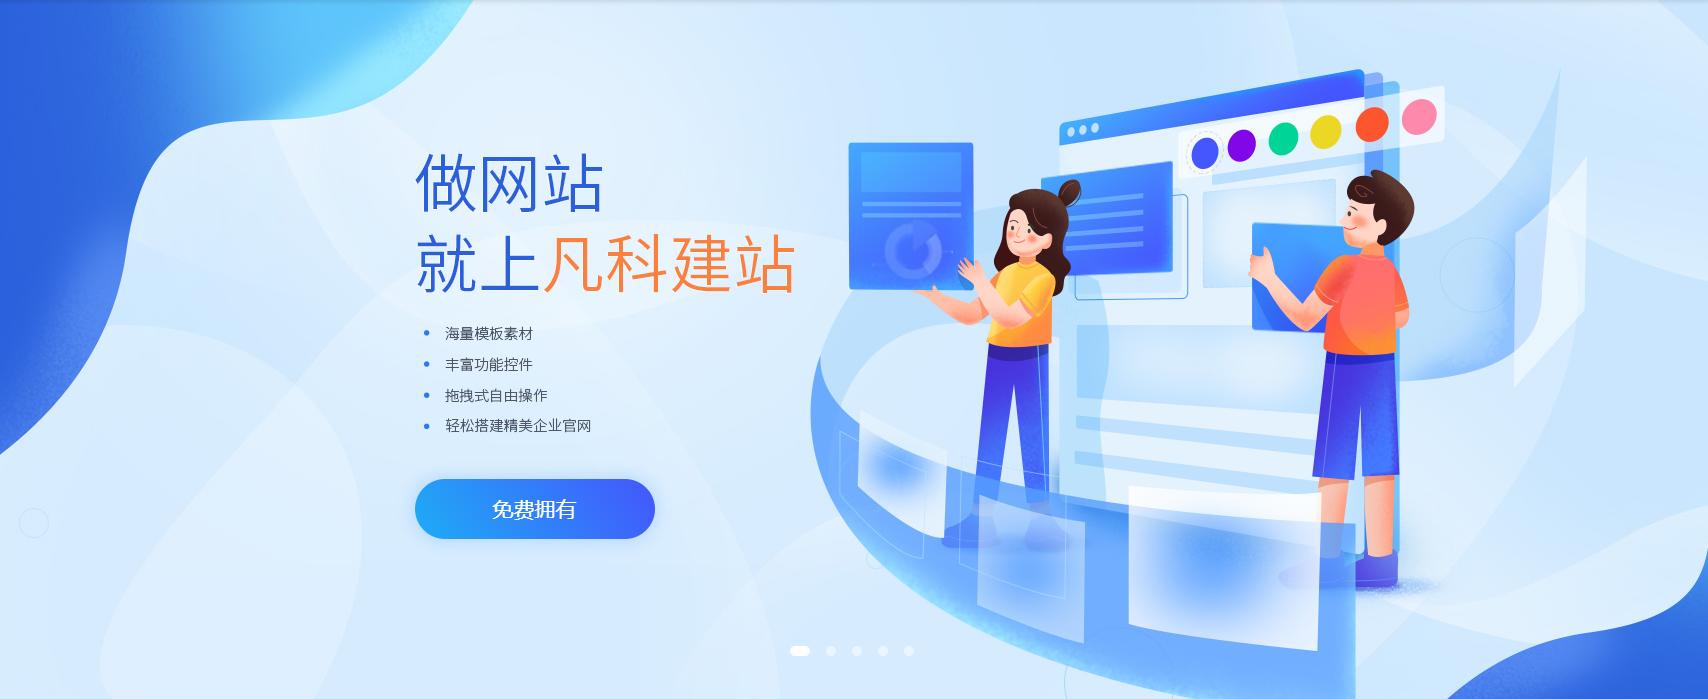 网站页面设计蓝色调